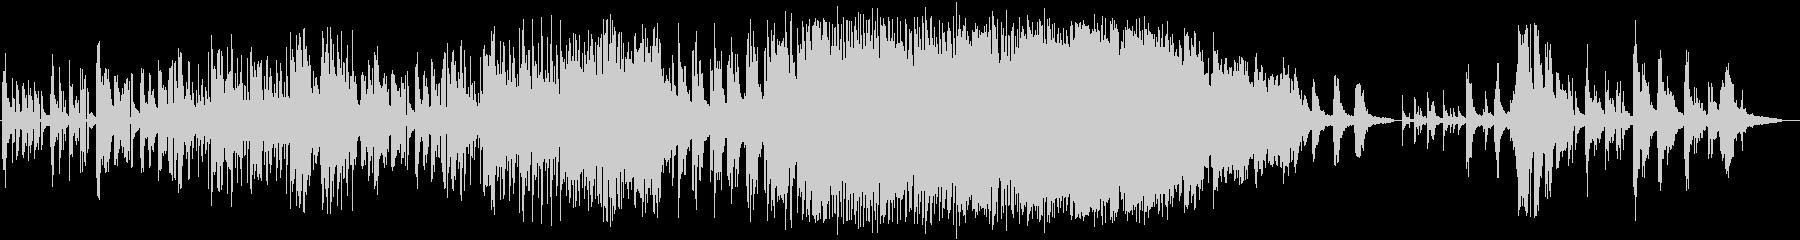 映像作品のフィナーレに相応しいピアノ曲の未再生の波形